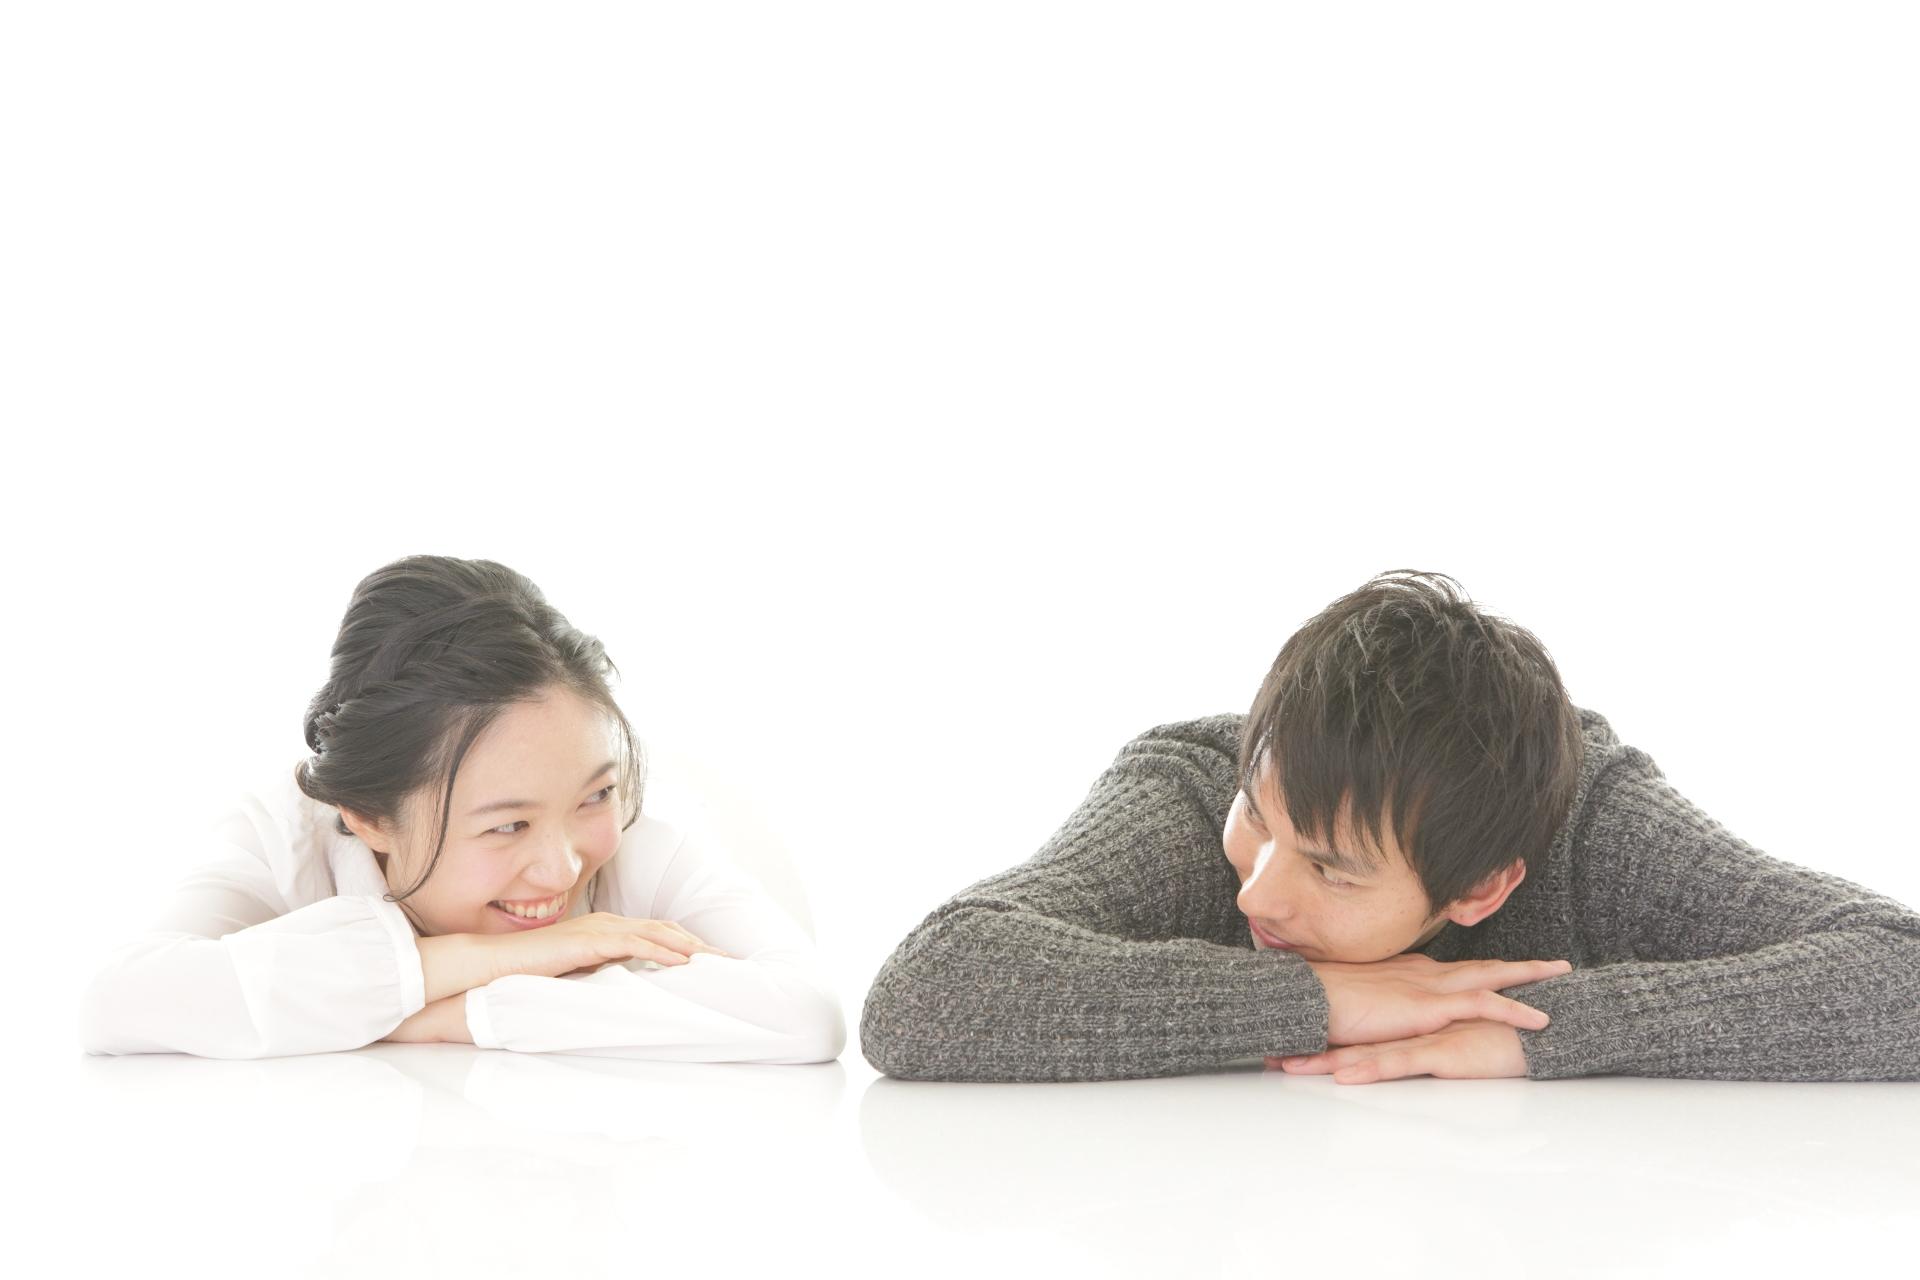 「彼氏に嫌われることを恐れるべからず!」がカップルで幸せをつかむ秘訣だった✨